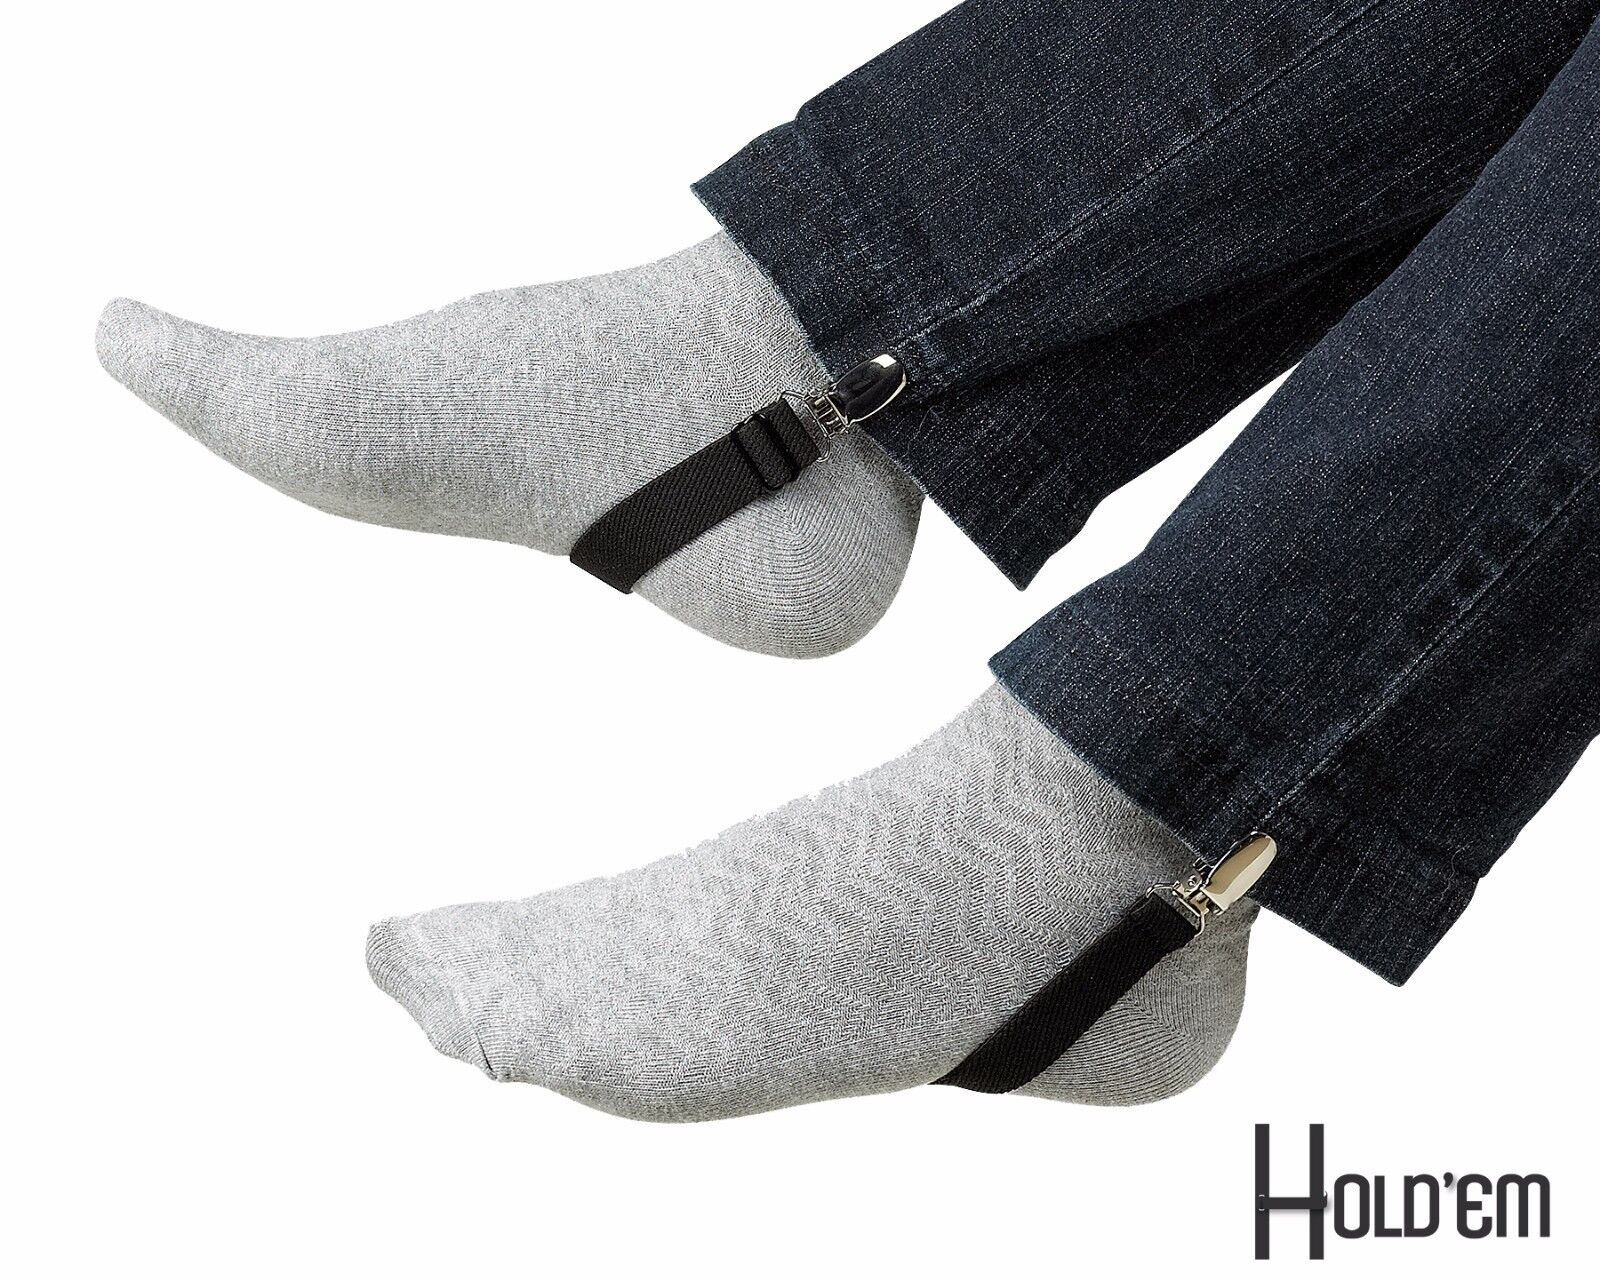 New Adjustable Hold'Em Boot Straps Elastic Stirrup-Adjusta